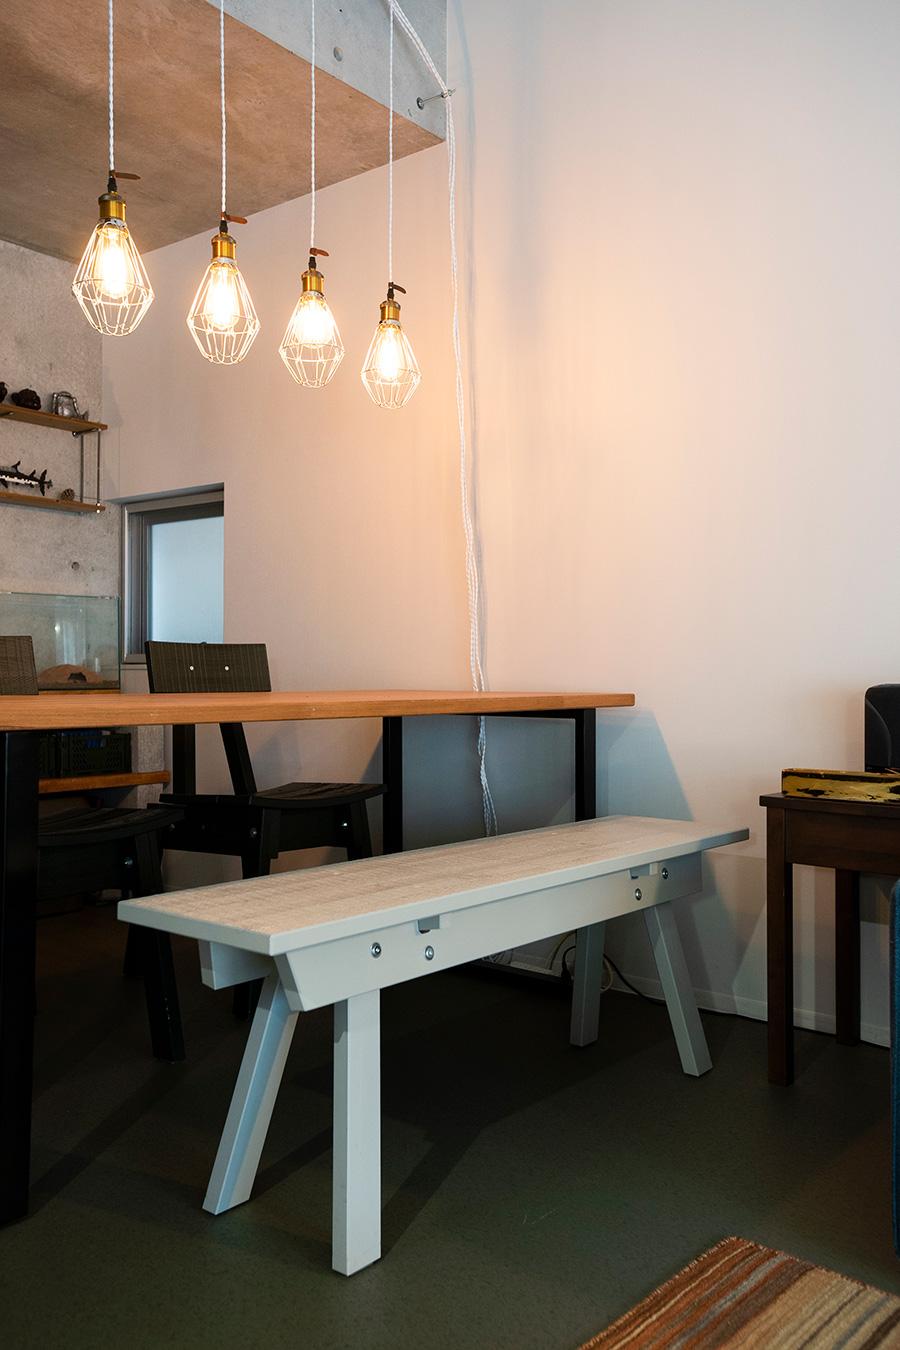 自作のダイニングテーブルに、IKEAとピート・ヘイン・イークのコラボのイスを。